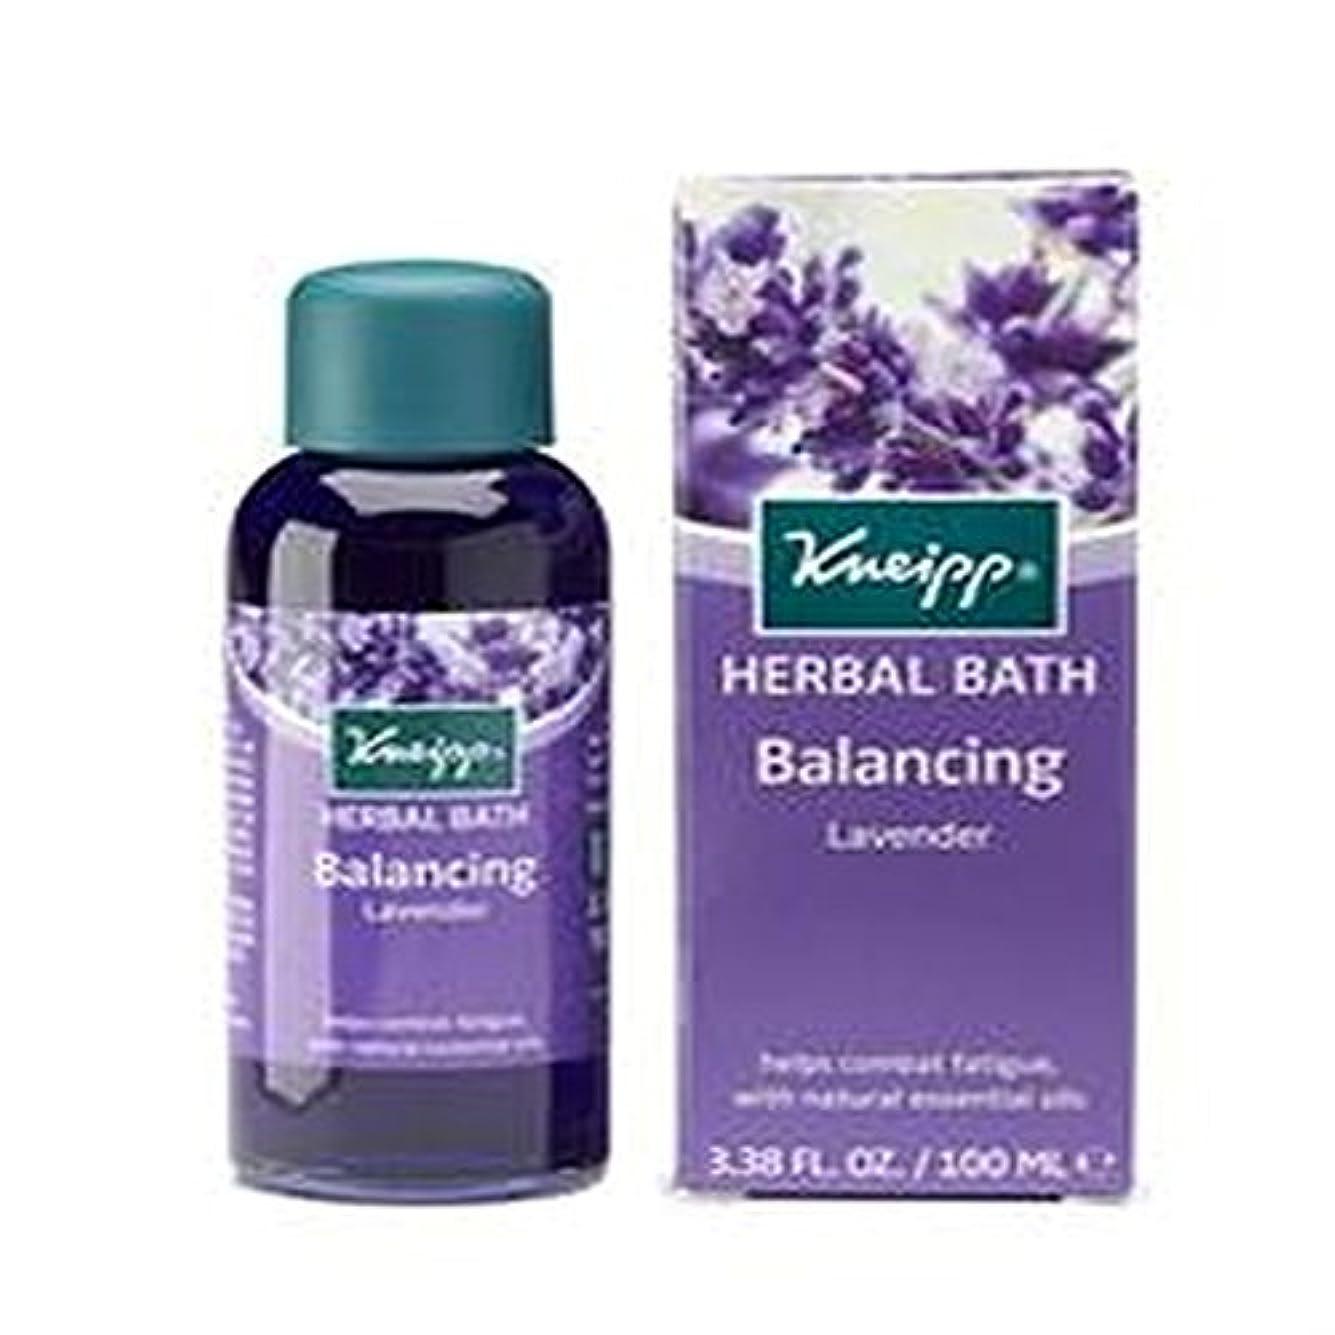 要求特定のりんごKneipp Balancing Lavender Herbal Bath - 3.38 Oz. (並行輸入品) [並行輸入品]